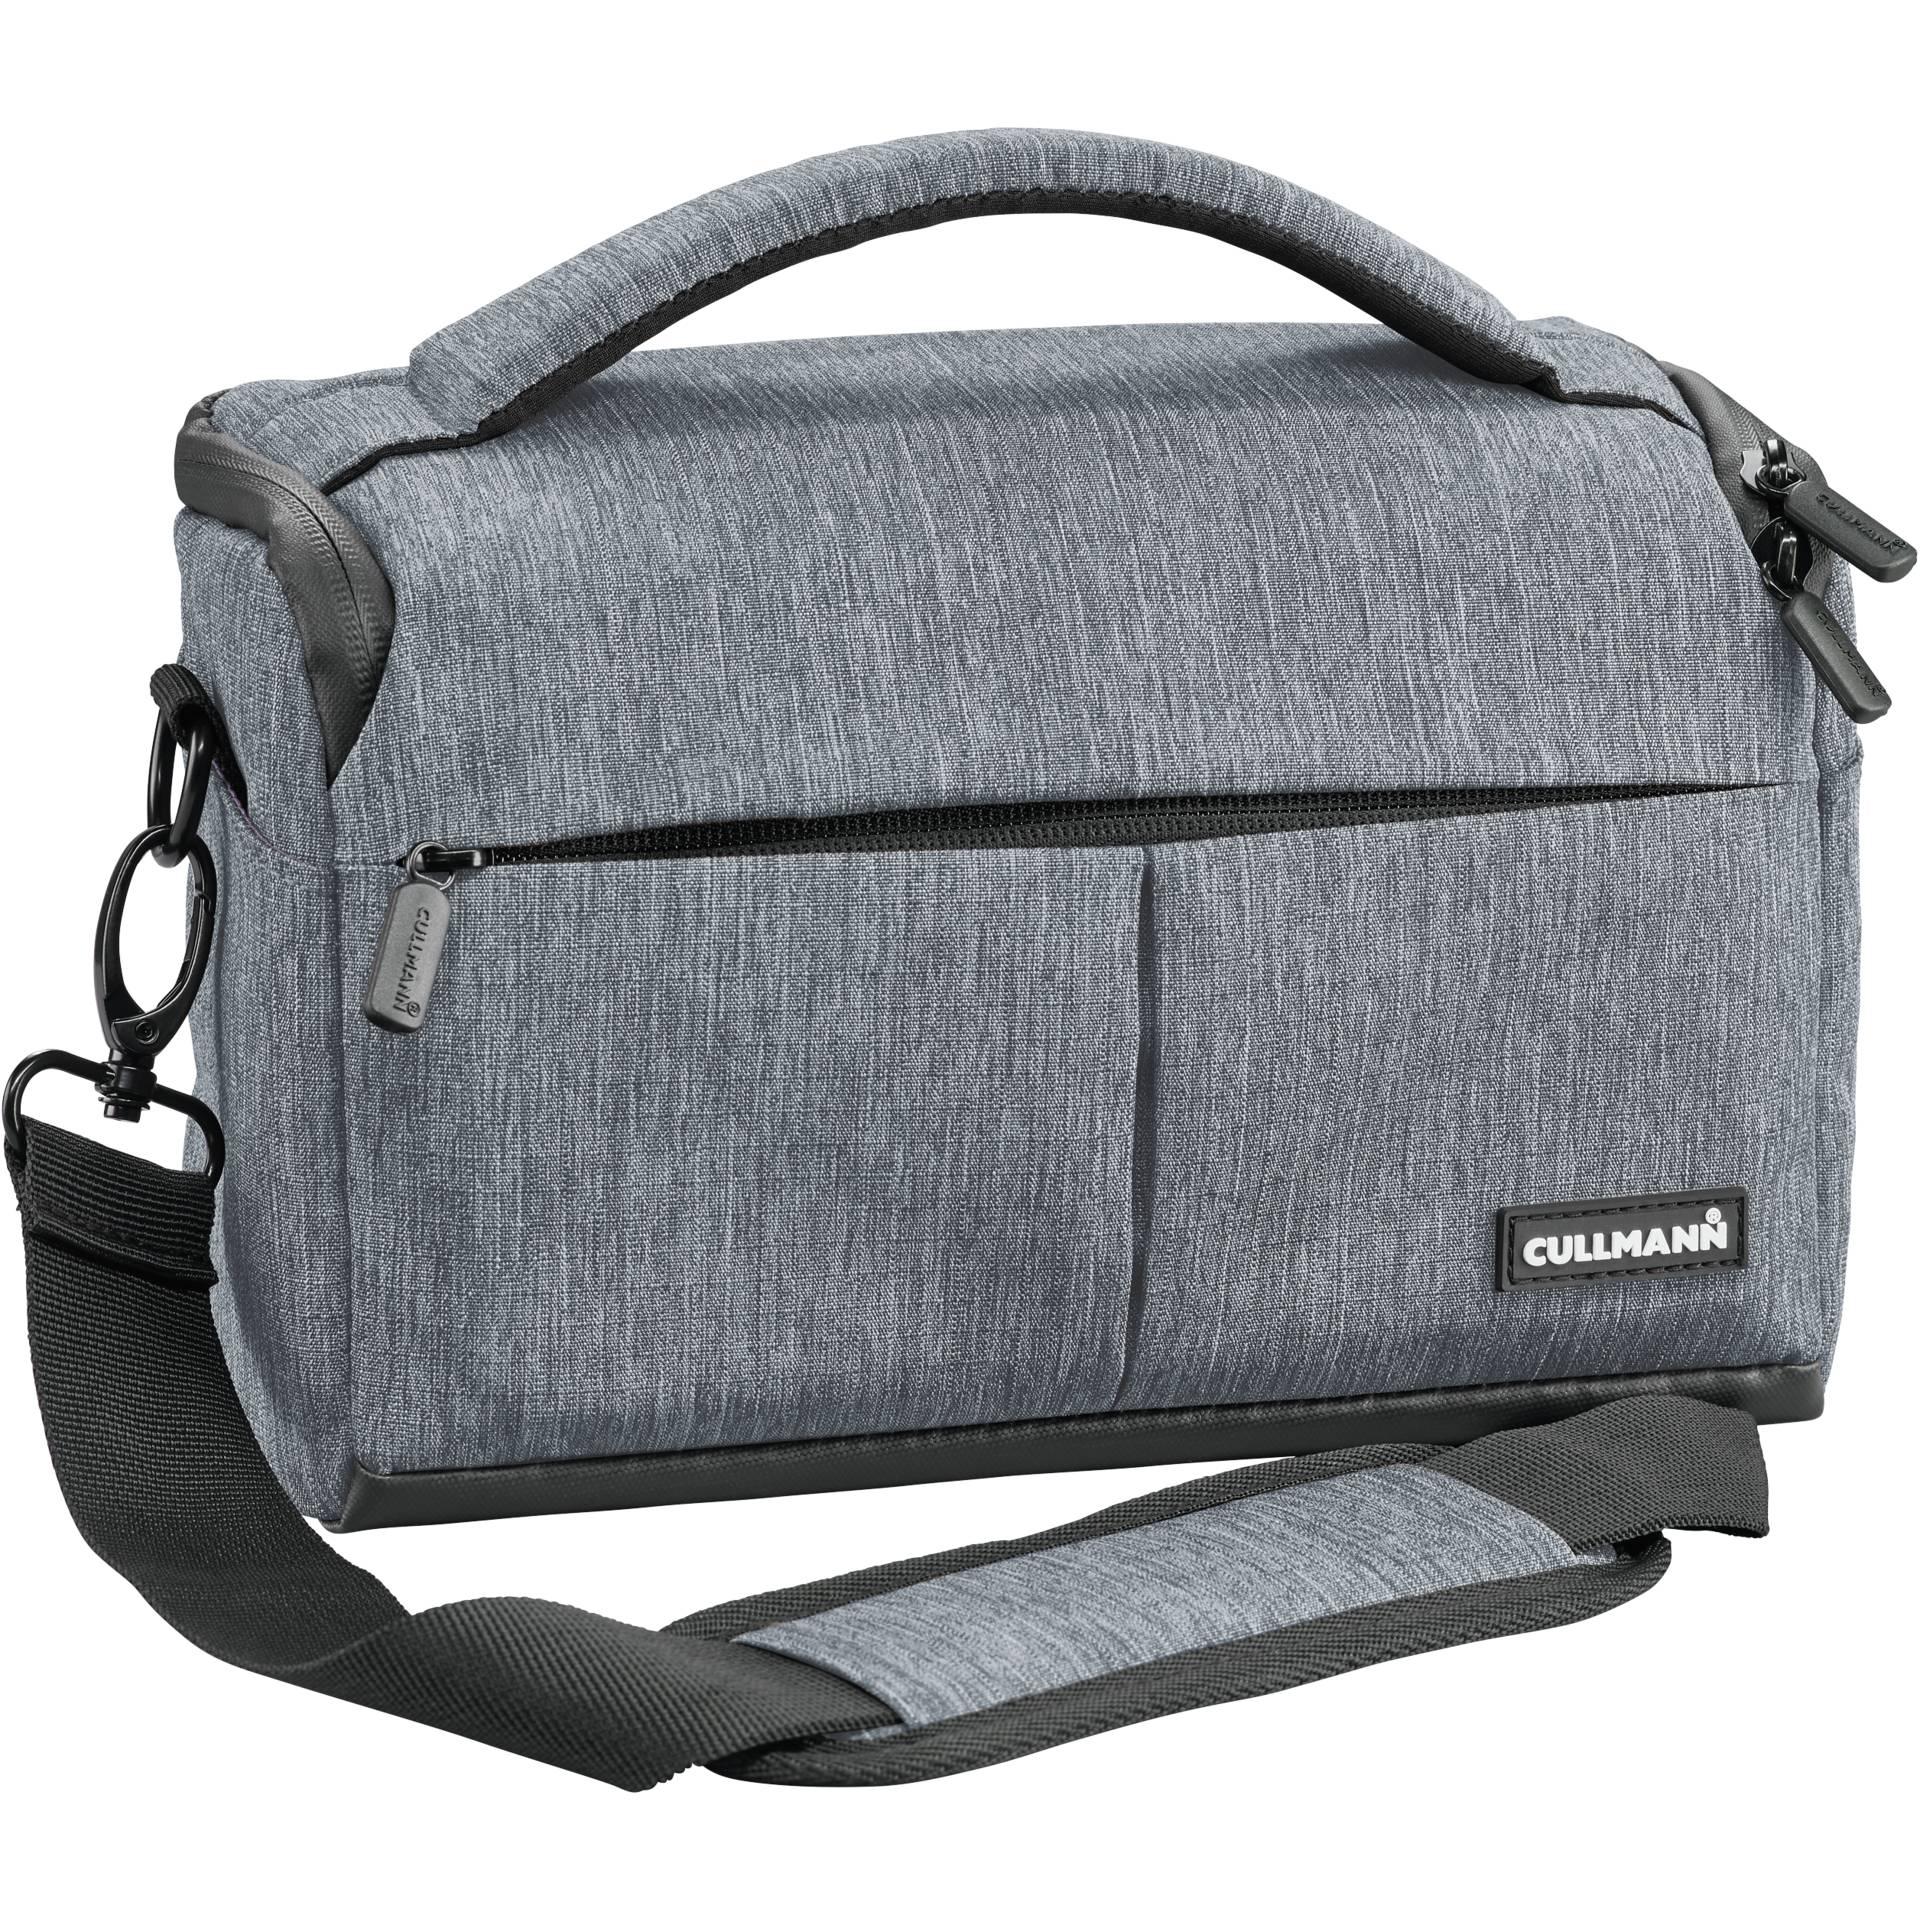 Cullmann Tasche Malaga Maxima 70 grau